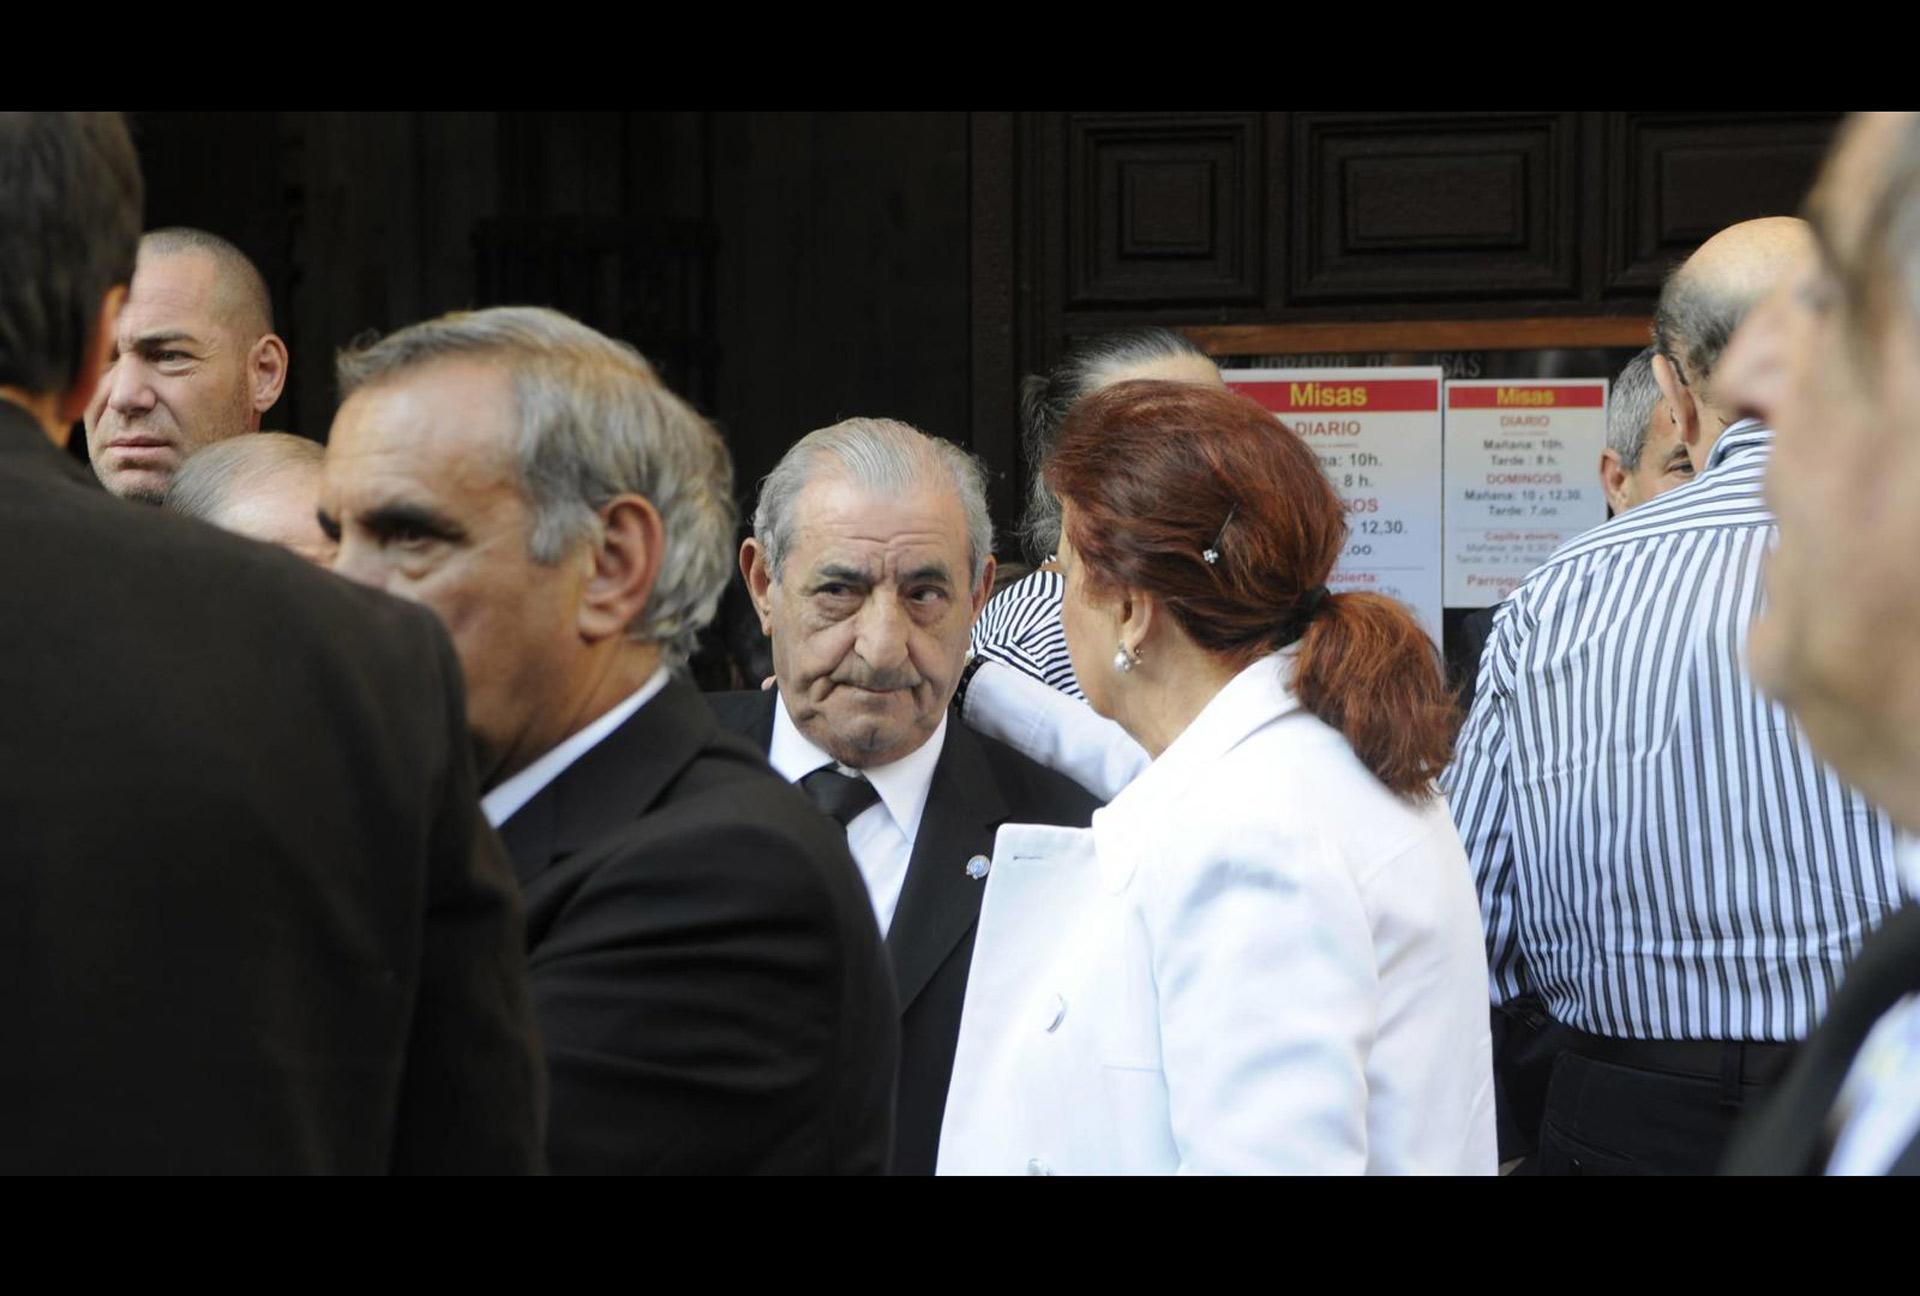 Las pruebas de la Audiencia Nacional demuestran que Juan José Hidalgo incurrió en el delito de fraude de subvenciones